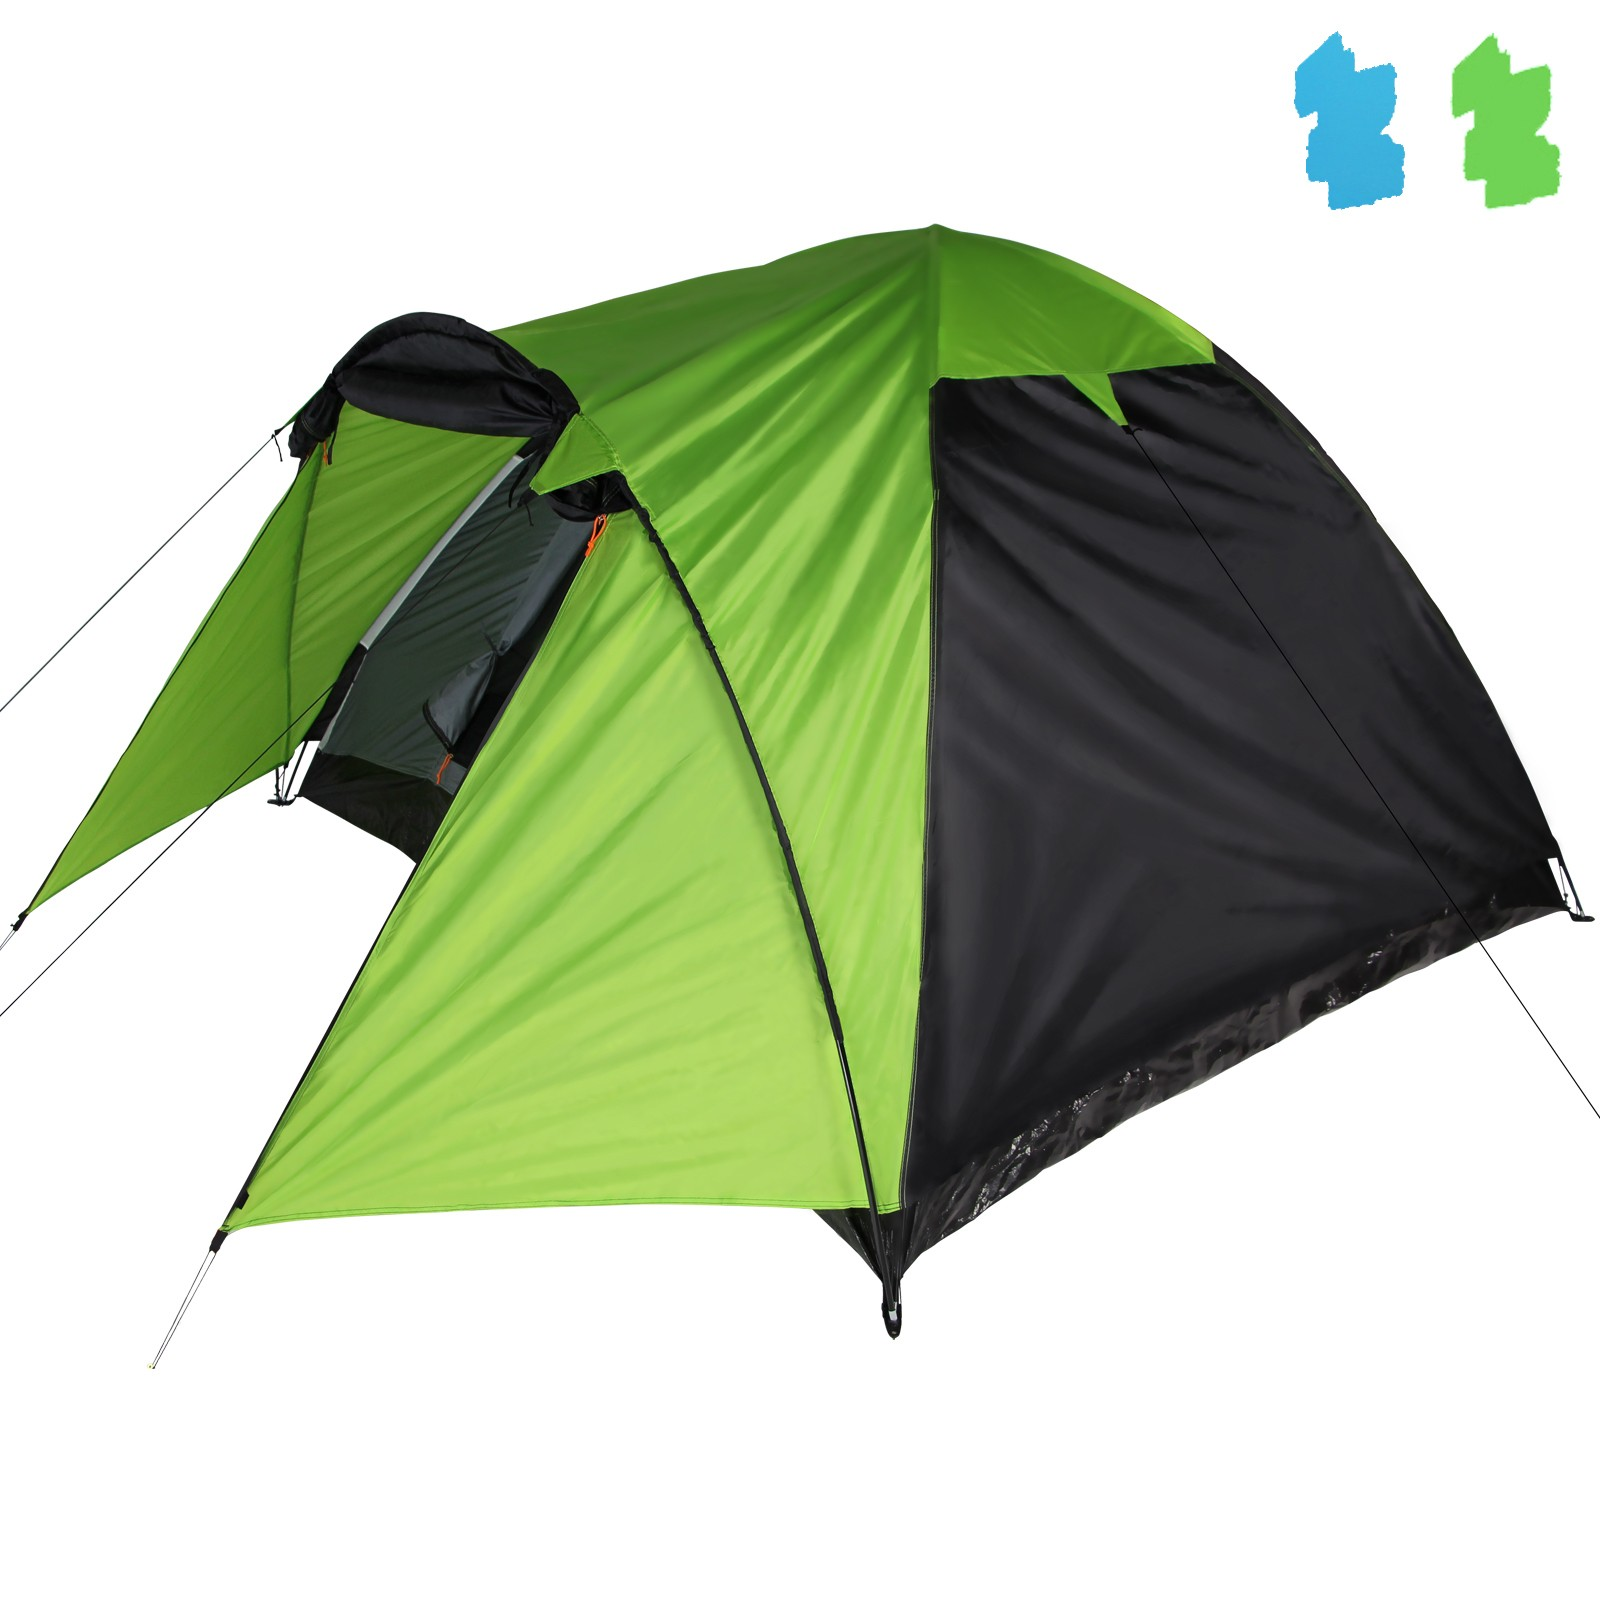 Trekking Zelt Nähen : Zelt kuppelzelt trekkingzelt festivalzelt campingzelt erie